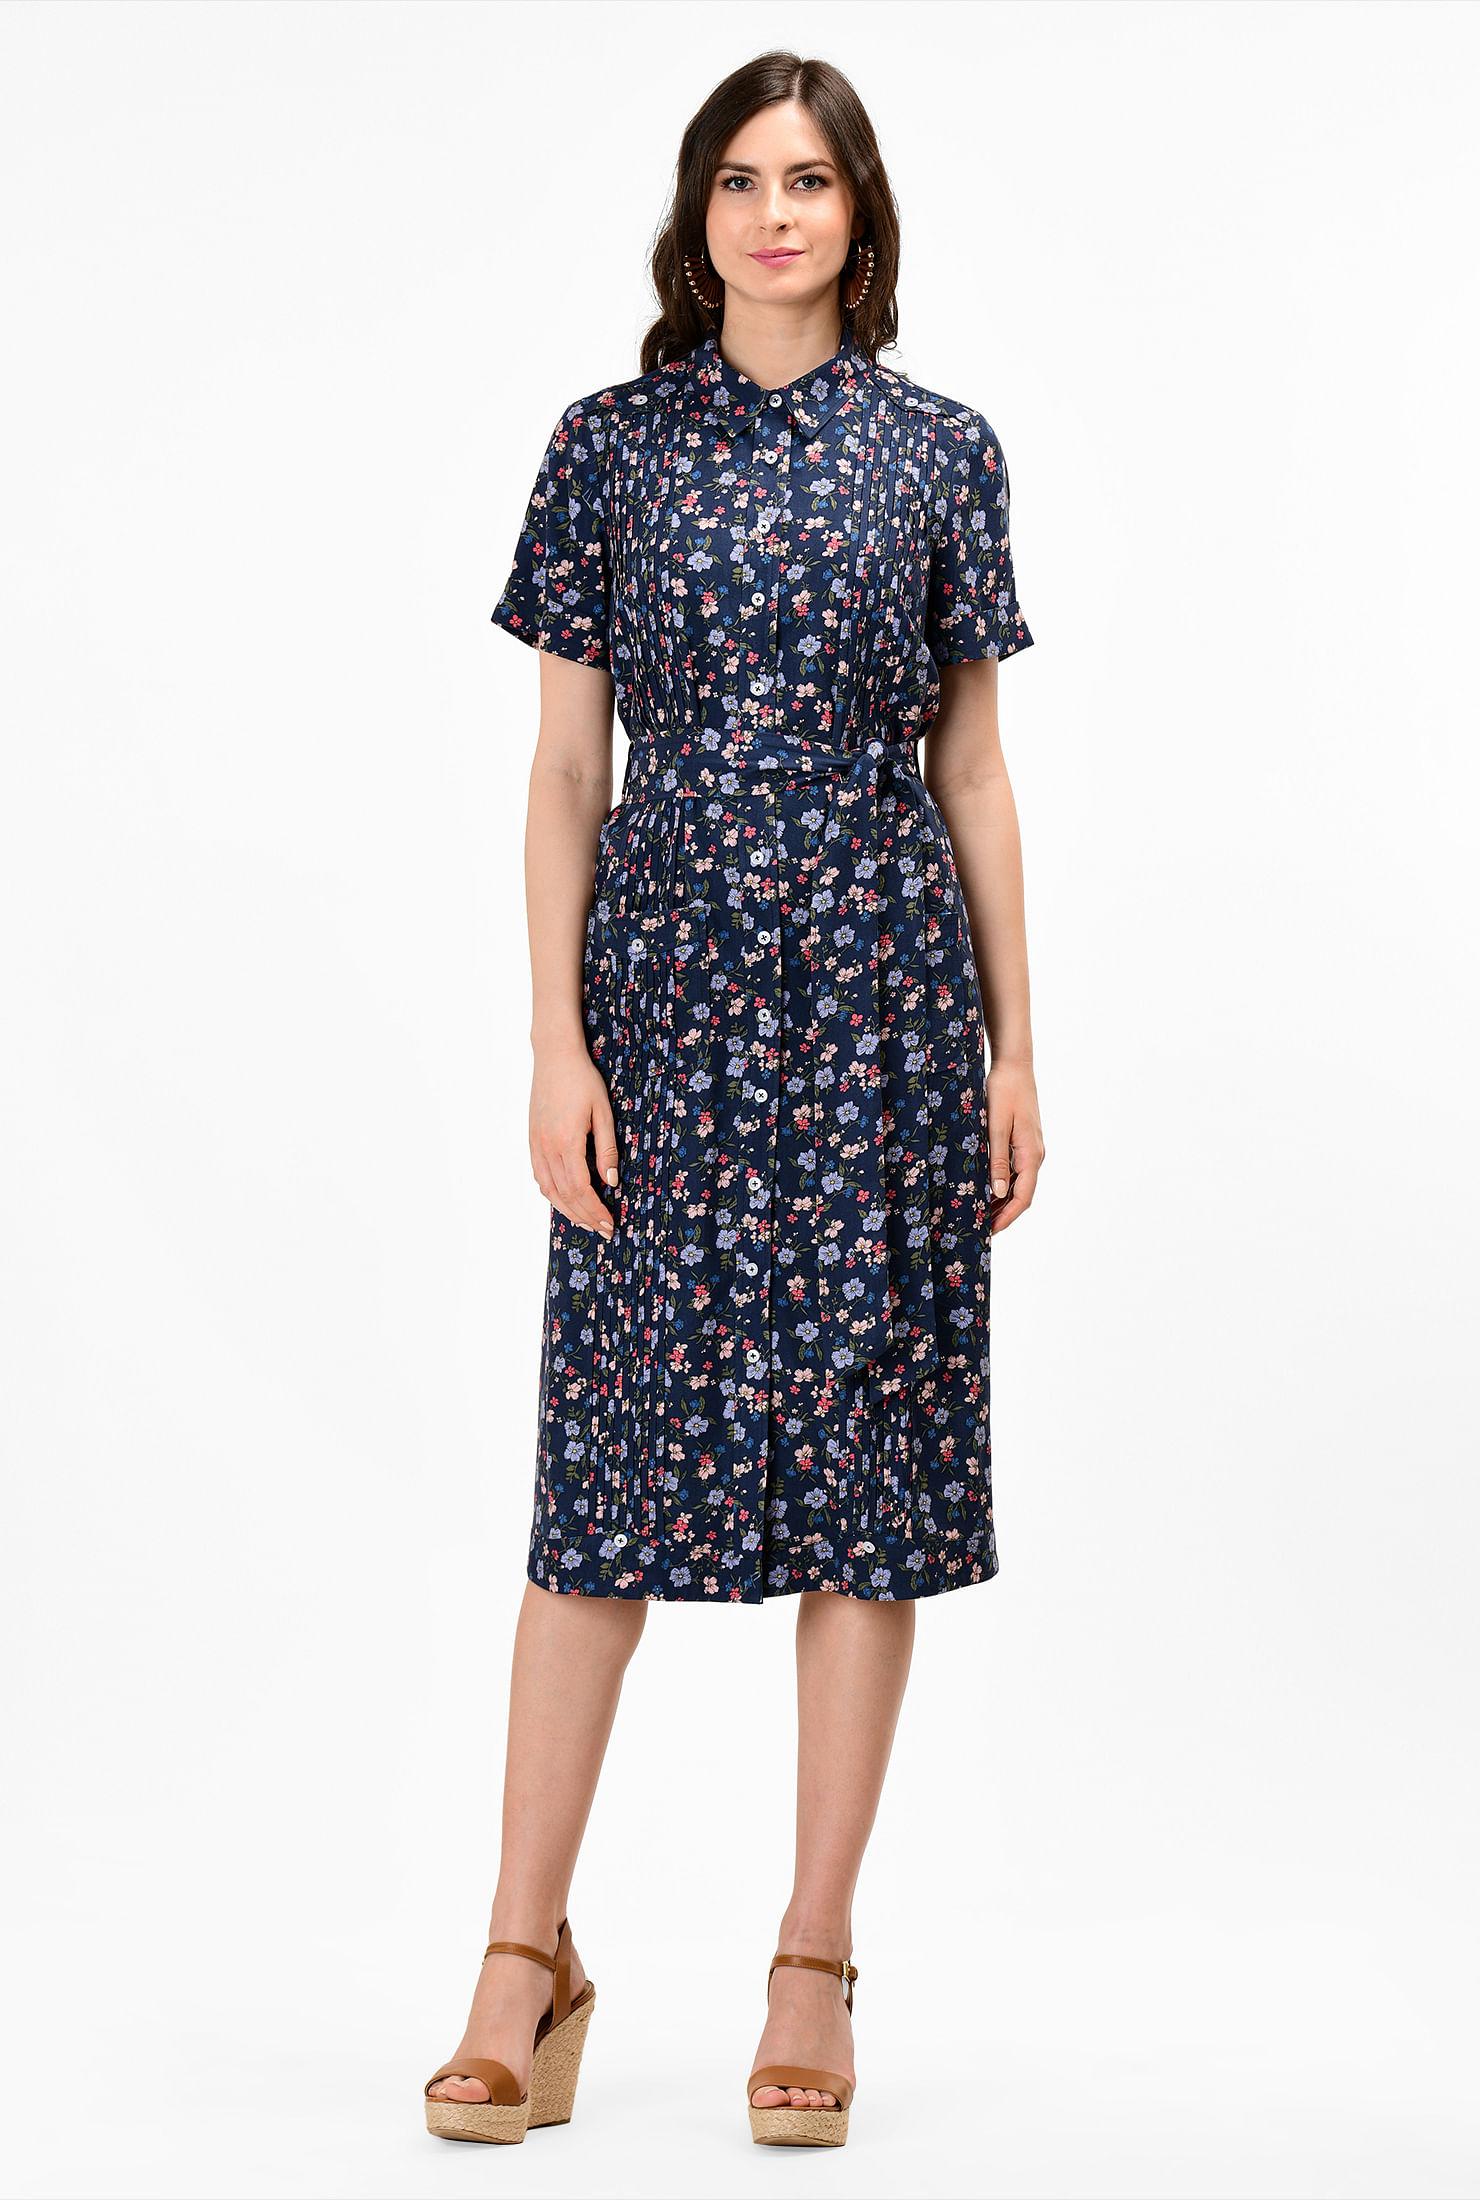 1930s Day Dresses, Tea Dresses, House Dresses Floral print shift shirtdress $69.95 AT vintagedancer.com